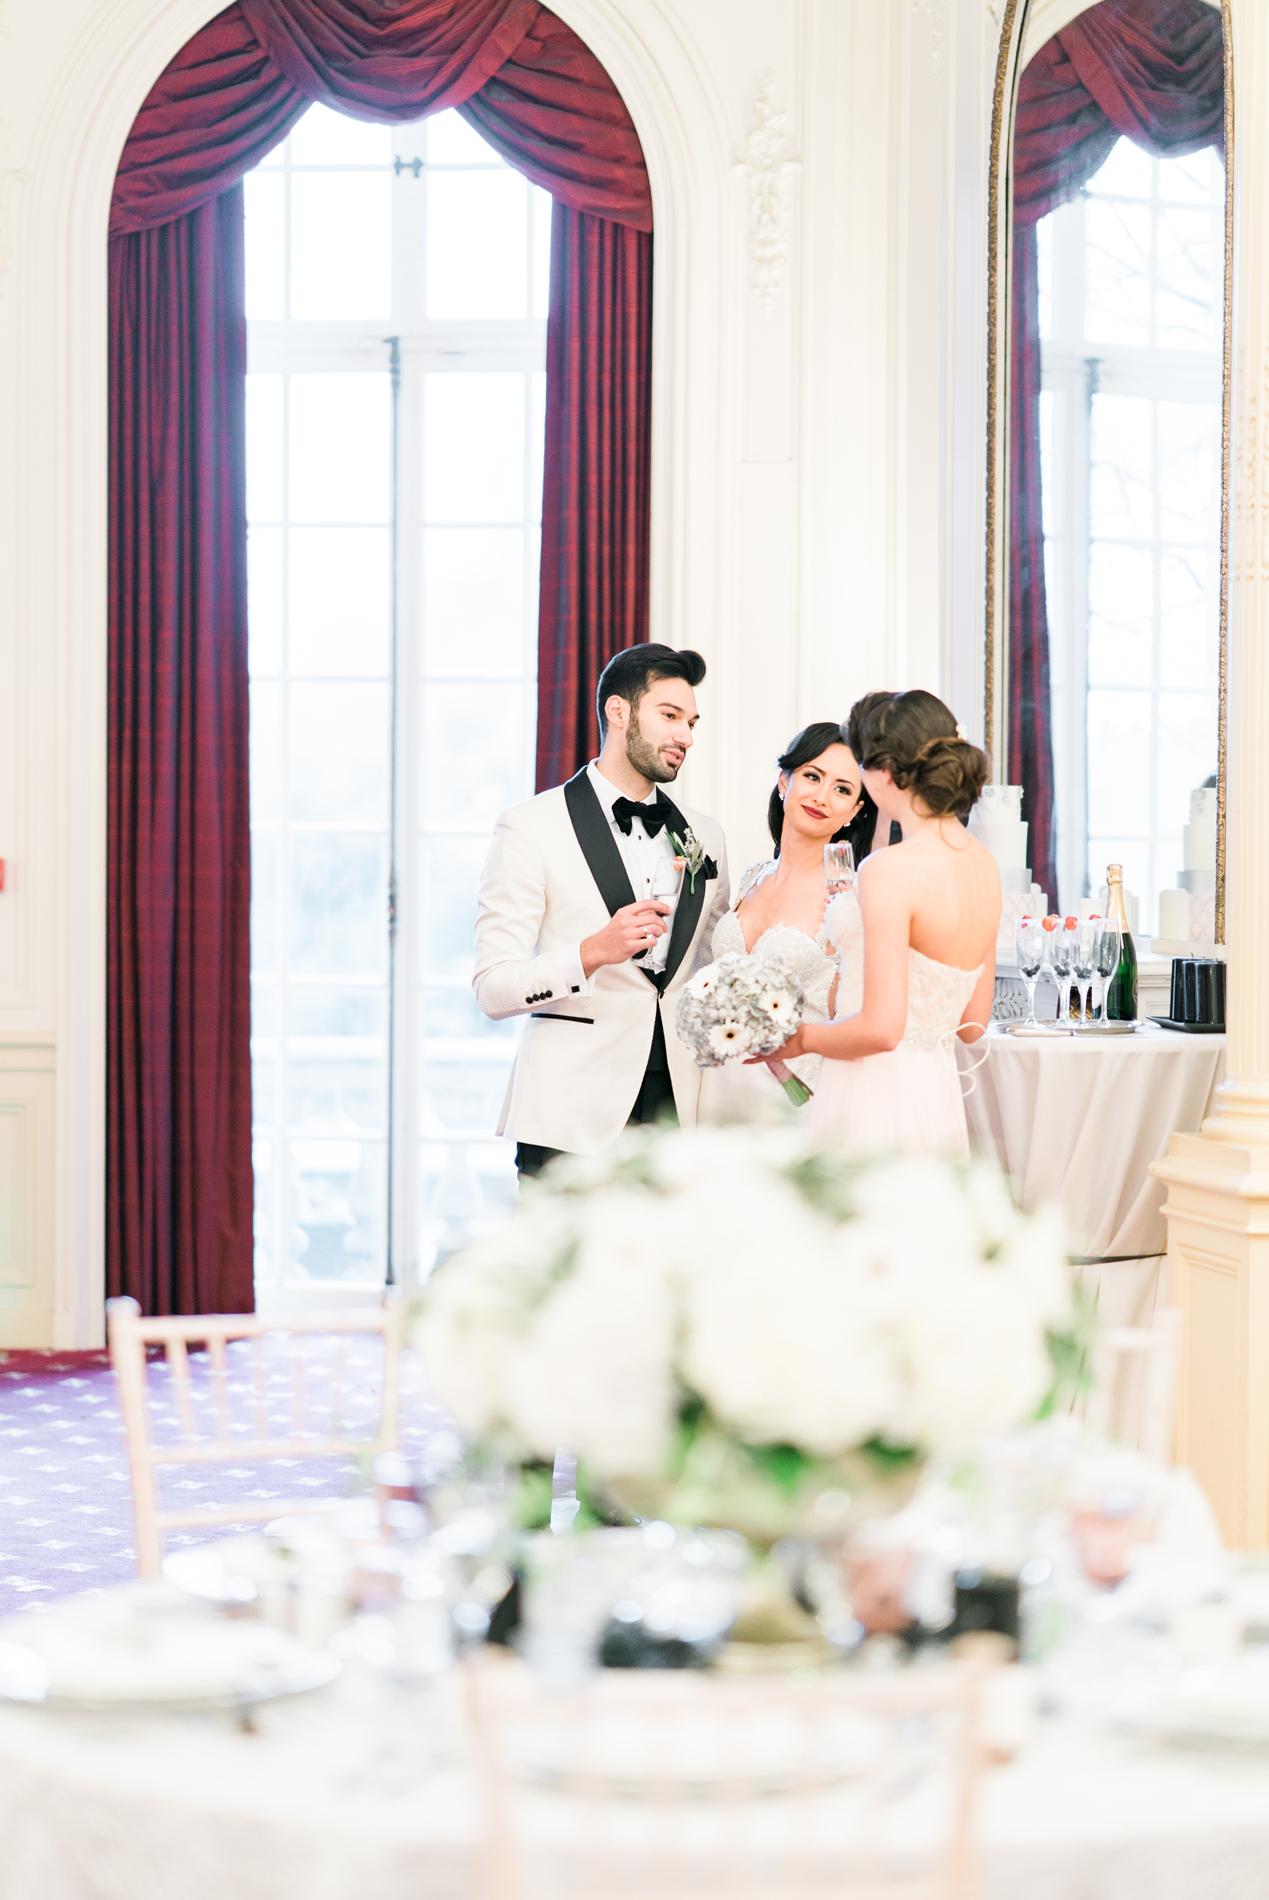 Bridal Shoot Hamilton Place by Ioana Porav207.jpg